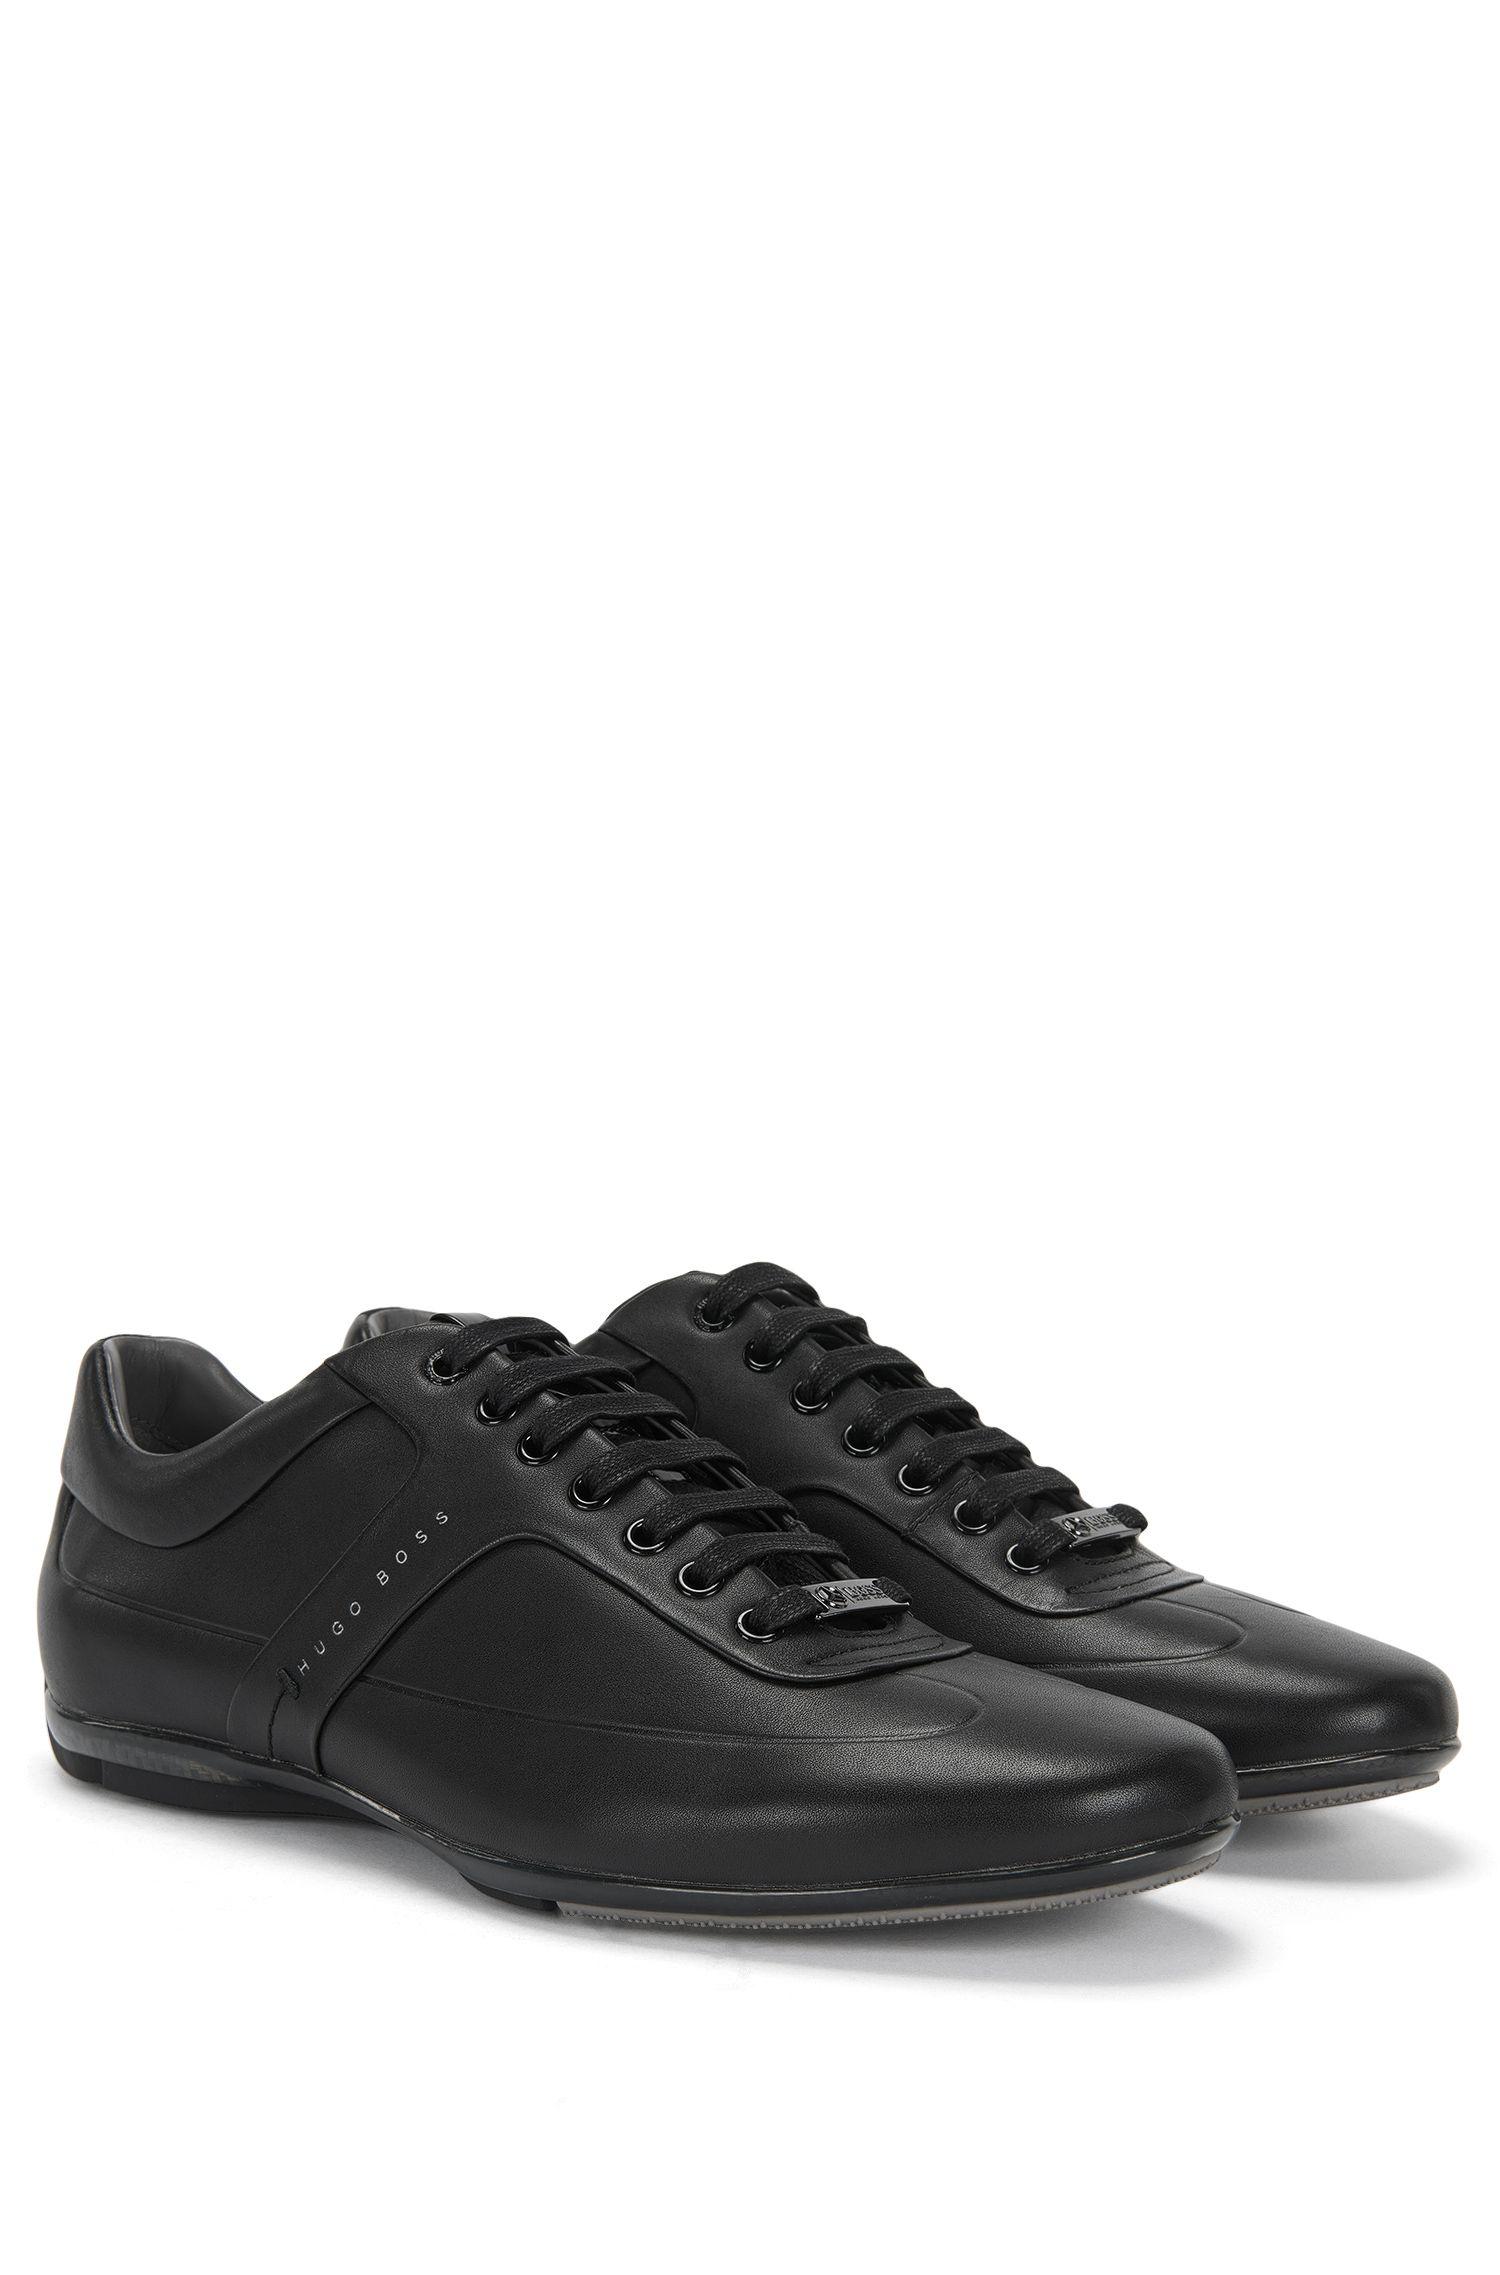 Leren sneakers: 'Sporty_Lowp_lthf' uit de Mercedes-Benz-collectie